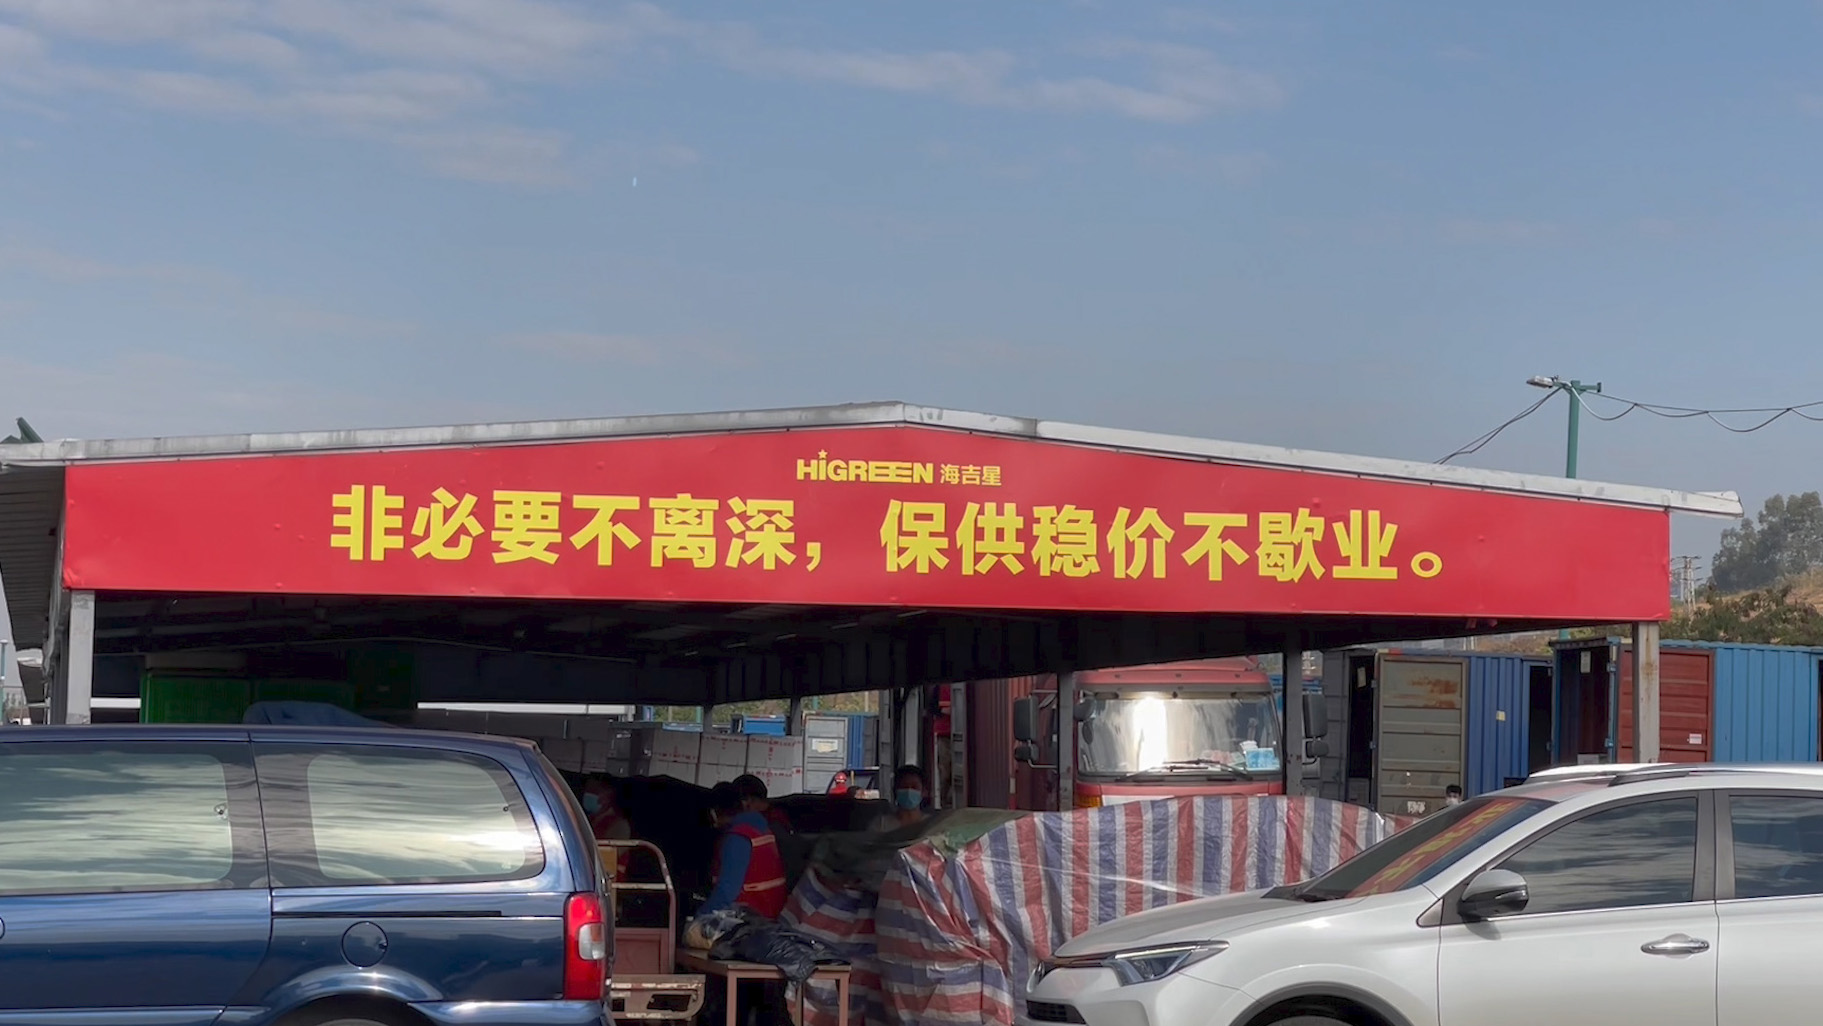 深圳年货储备情况如何?记者多路探访商超及农批市场